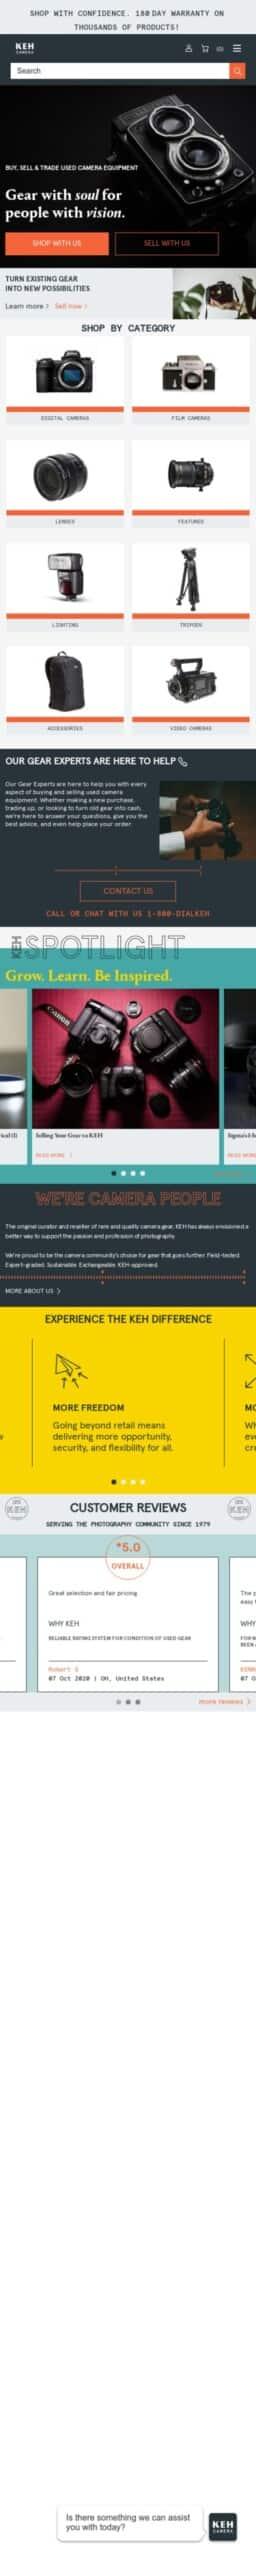 keh.com Coupon